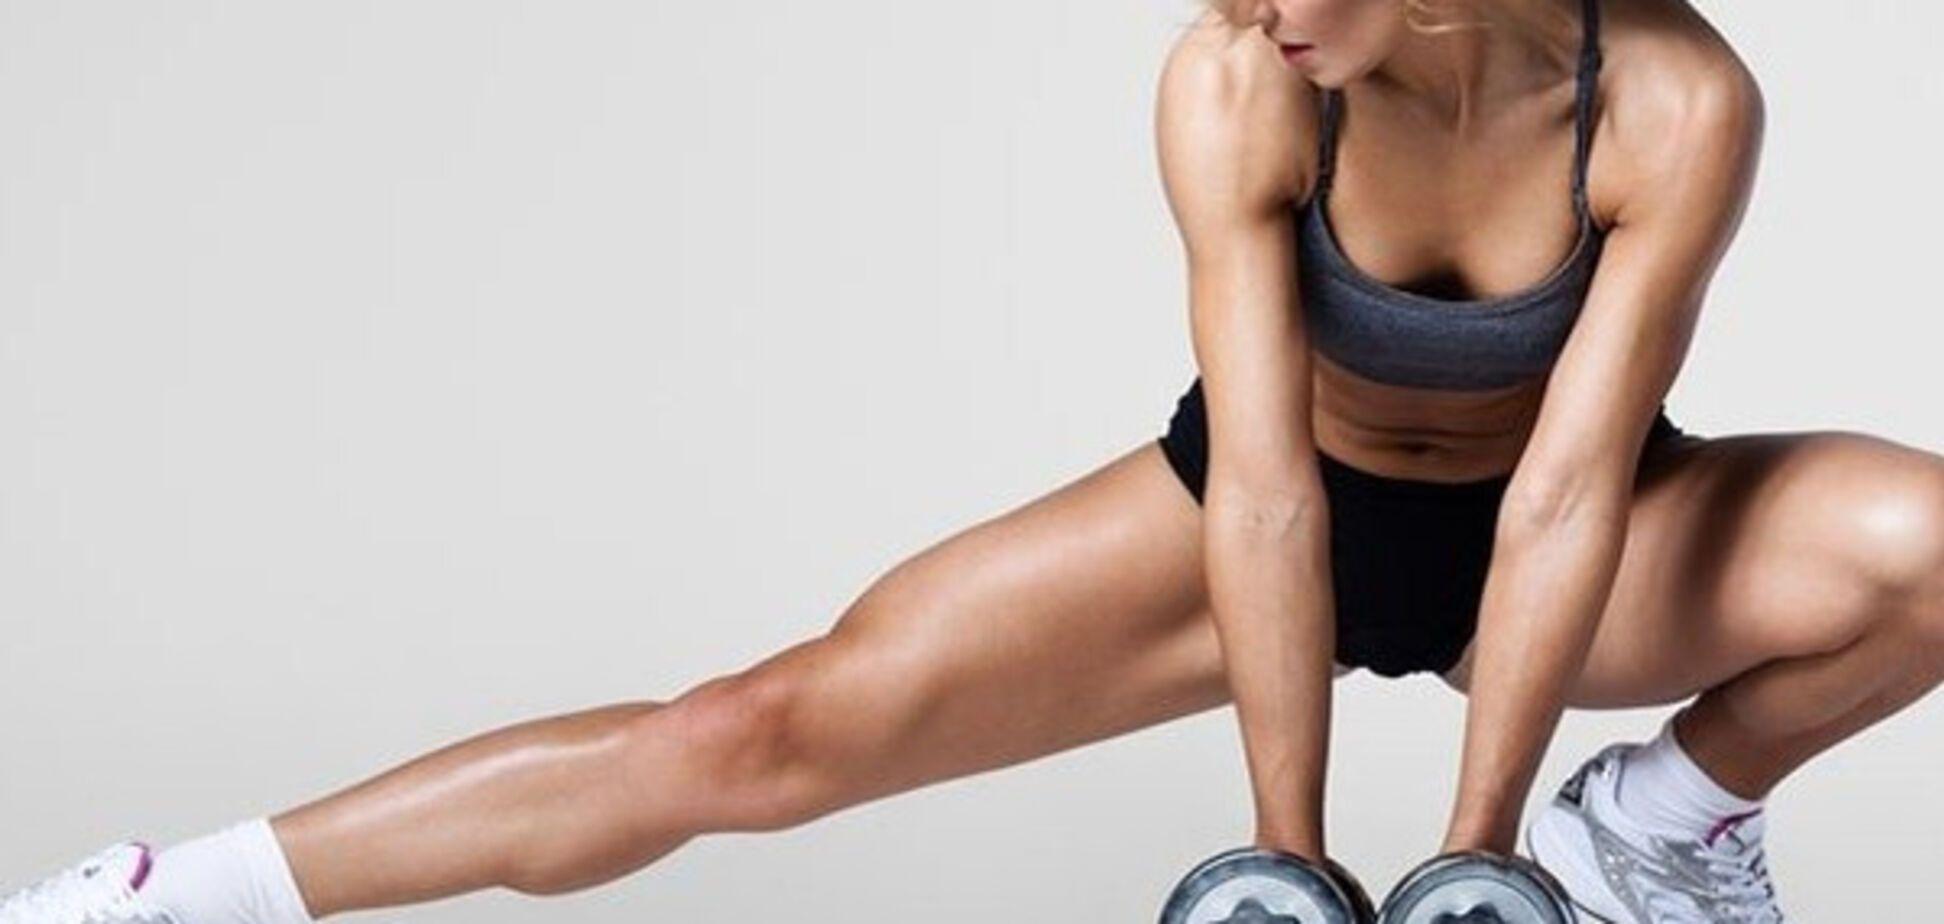 Тіло супермоделі: спортивні лікарі розповіли, які вправи не можна поєднувати